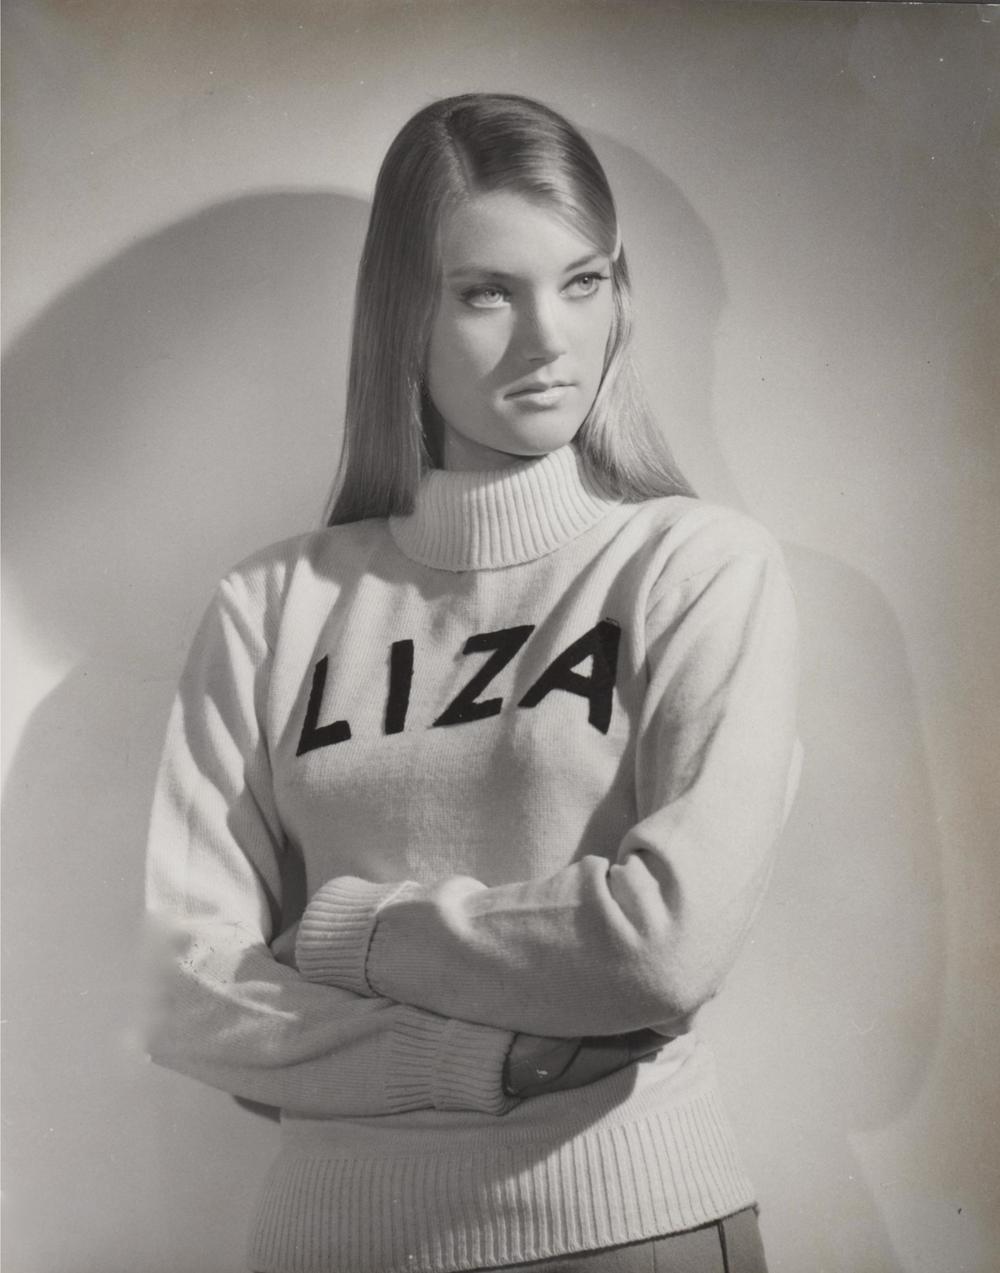 liza rey sweater.jpg